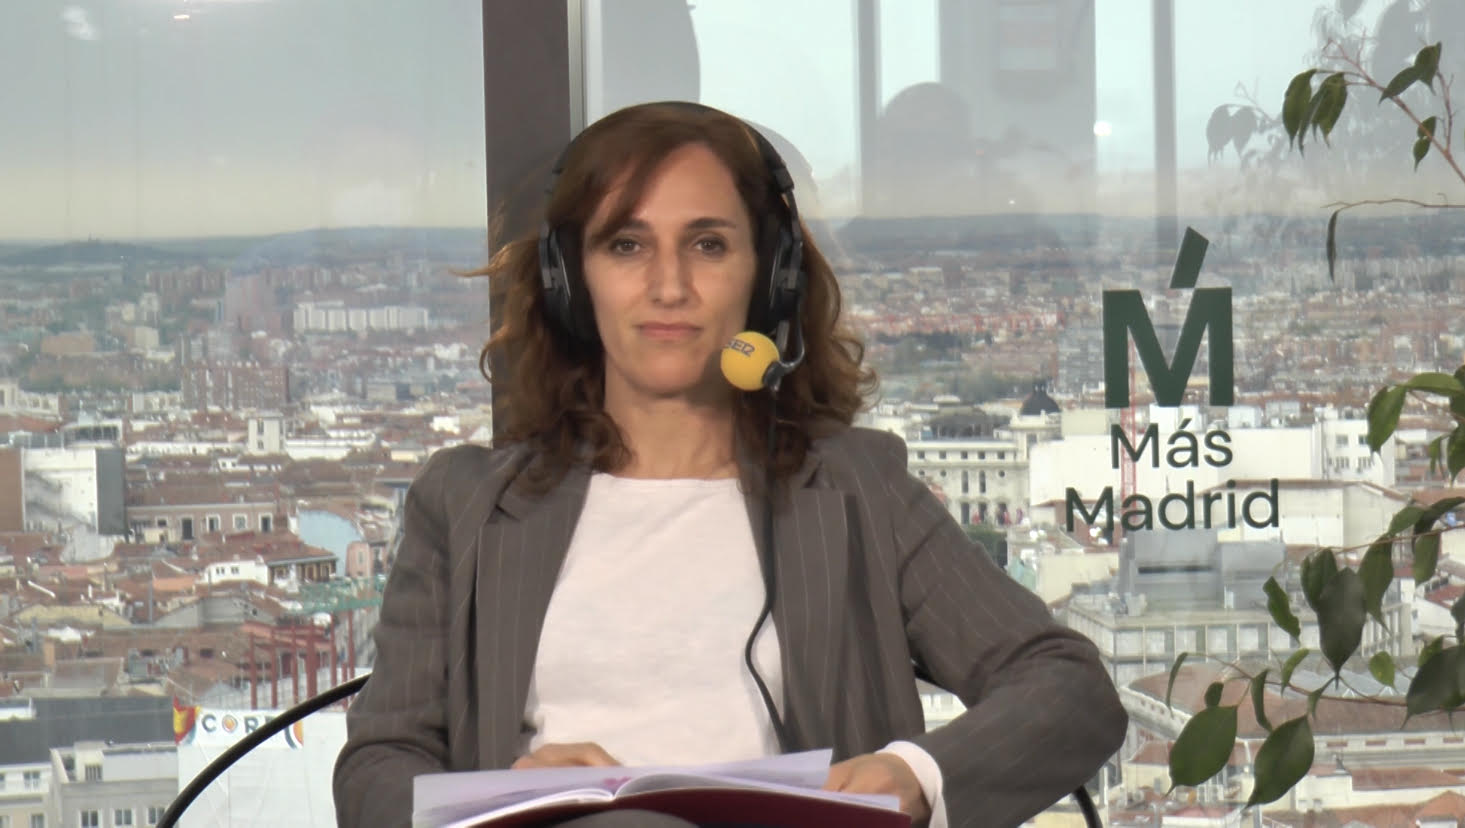 MÓNICA GARCÍA HOY POR HOY